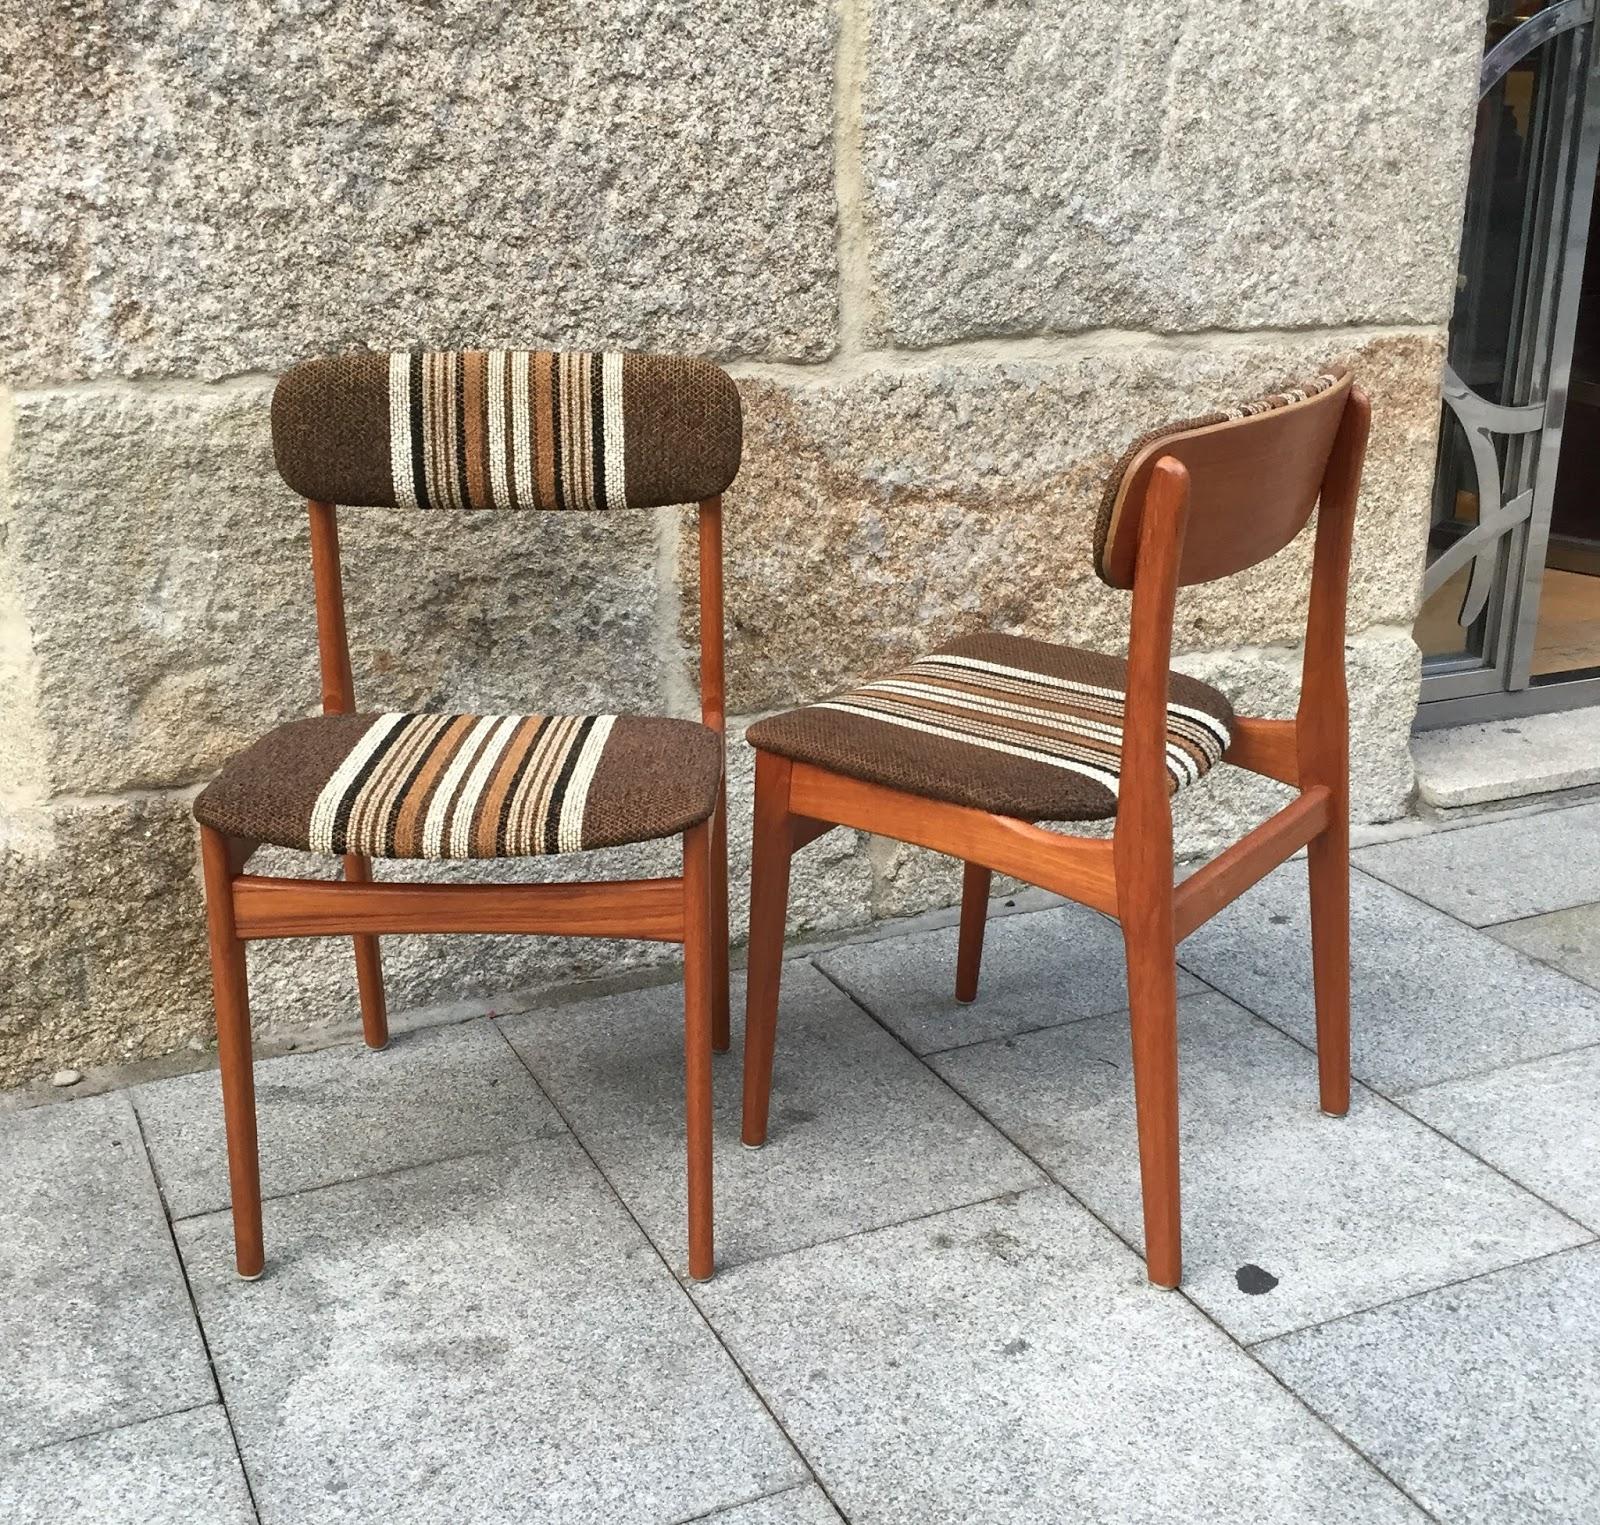 Pareja de sillas danesas a os 60 vintage jacoboansin - Sillas anos 60 ...